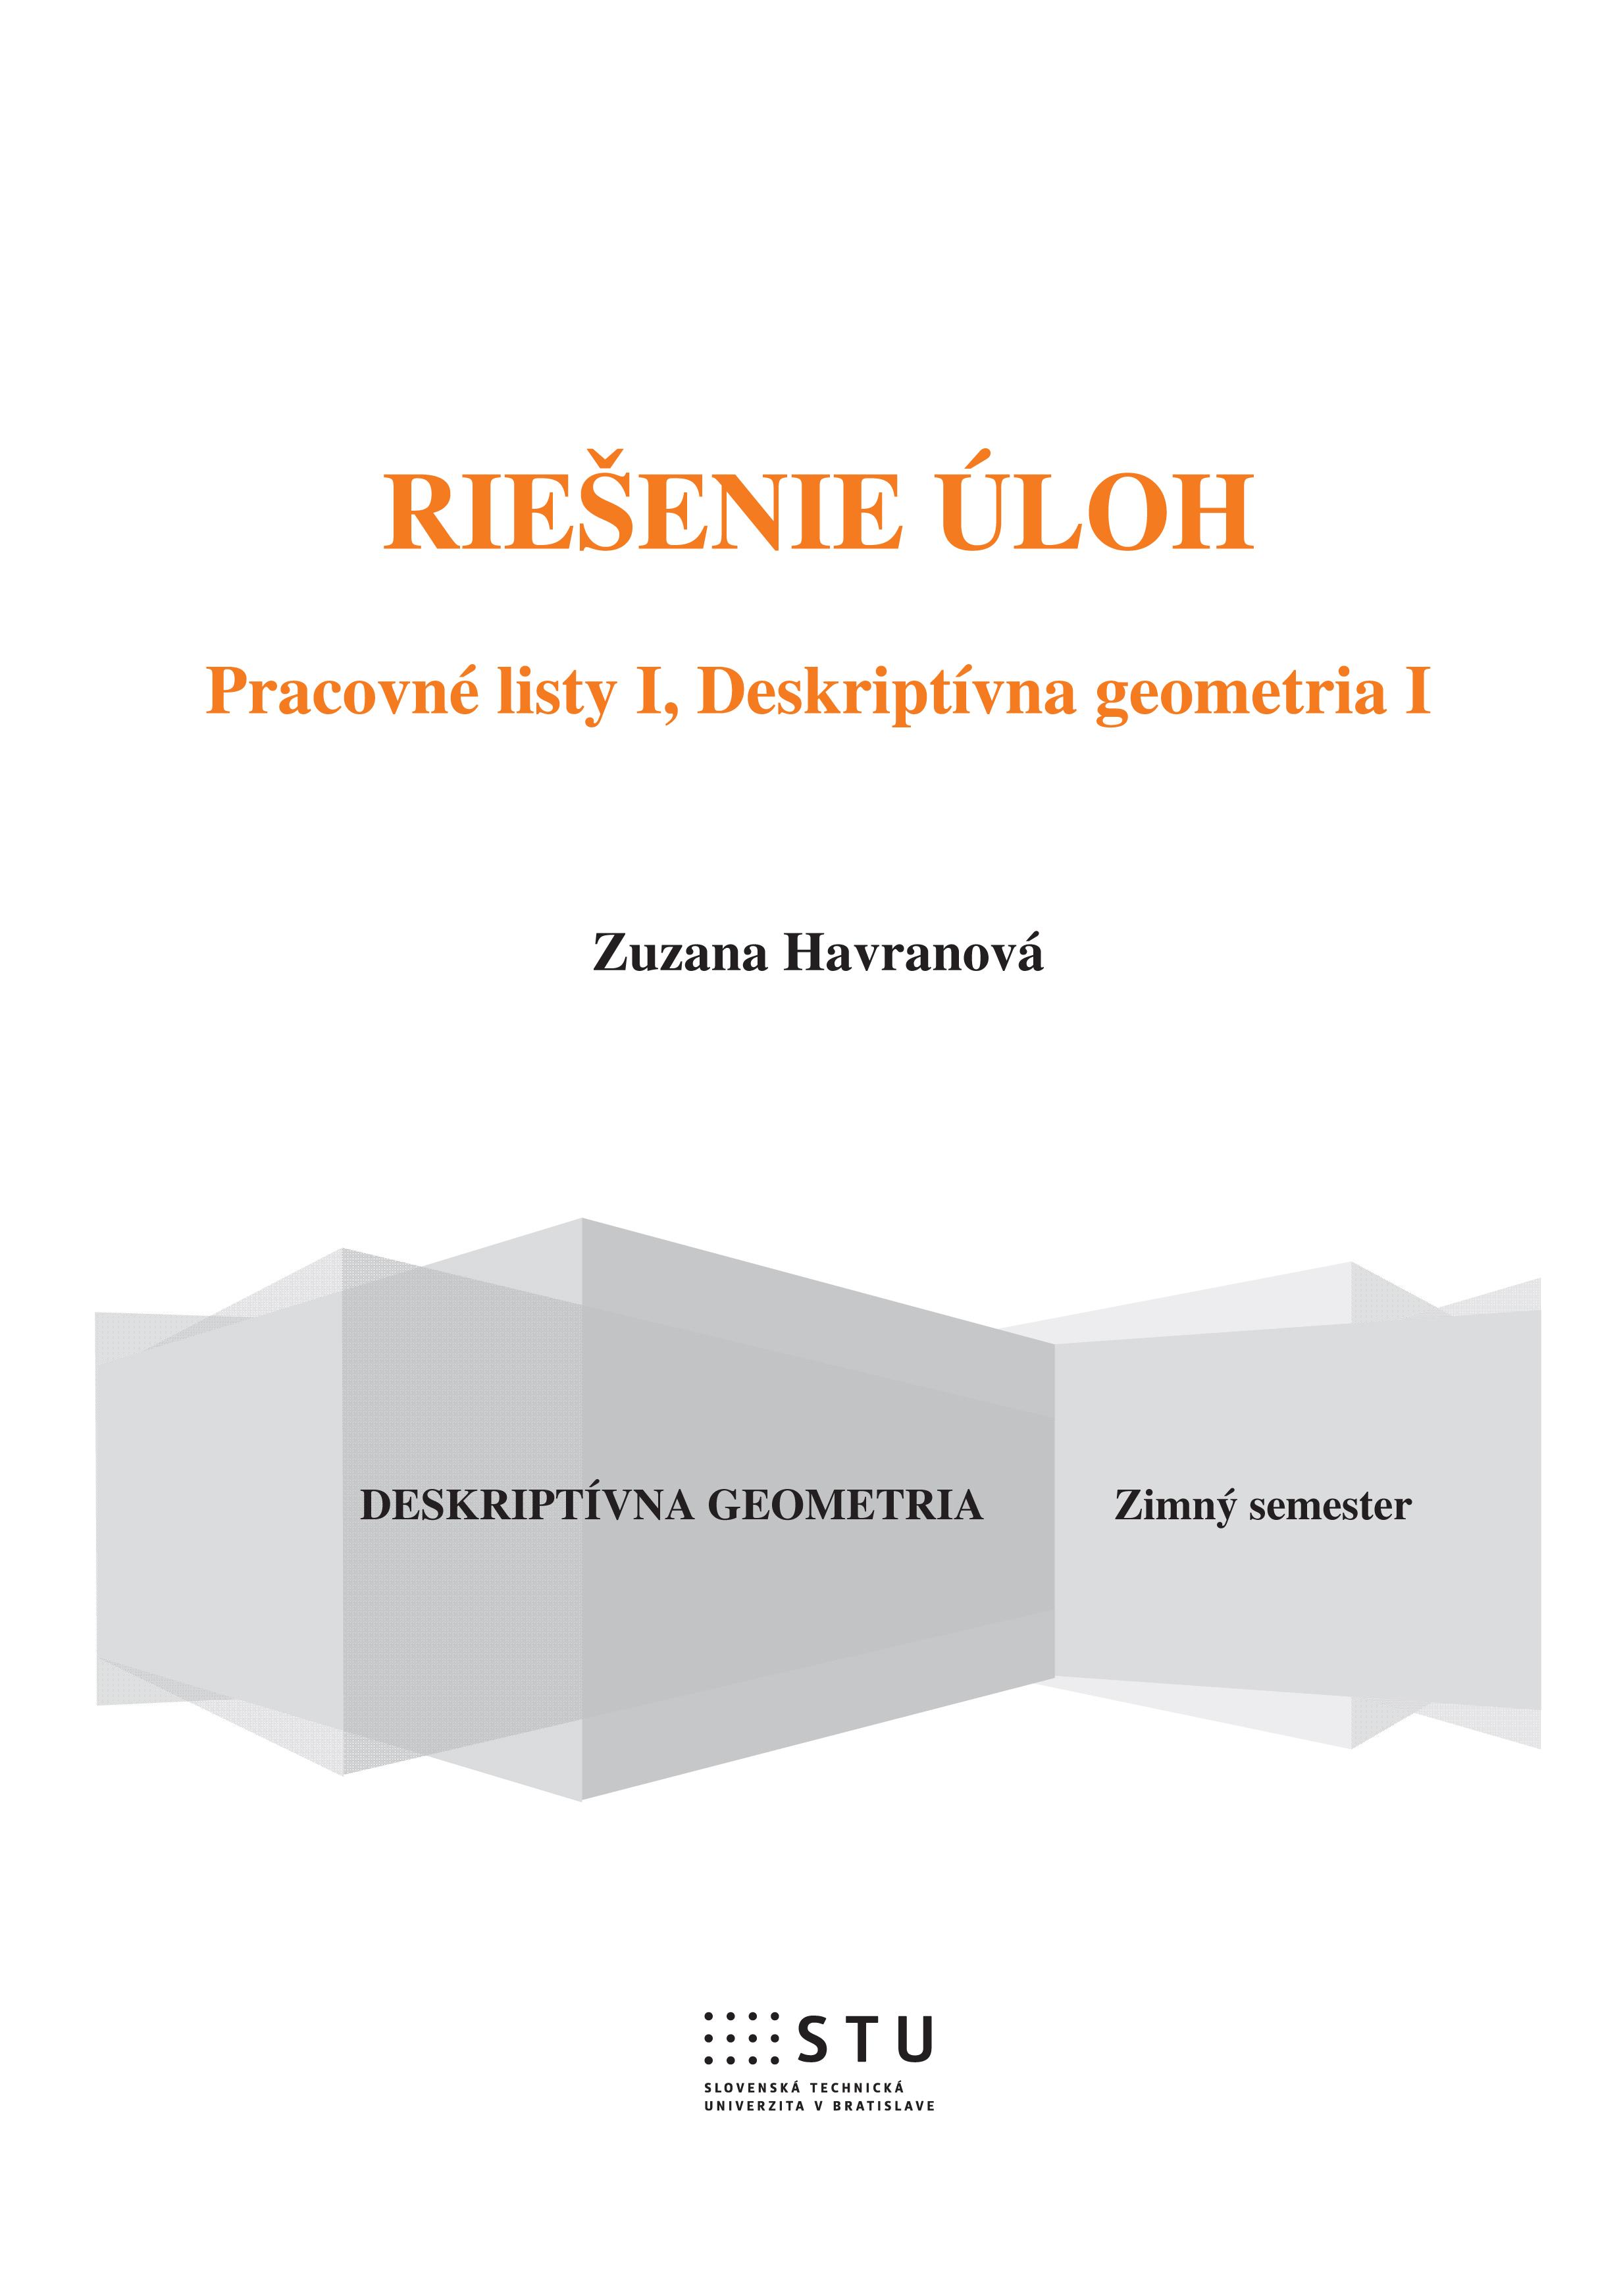 Riešenie úloh, Pracovné listy I, Deskriptívna geometria I